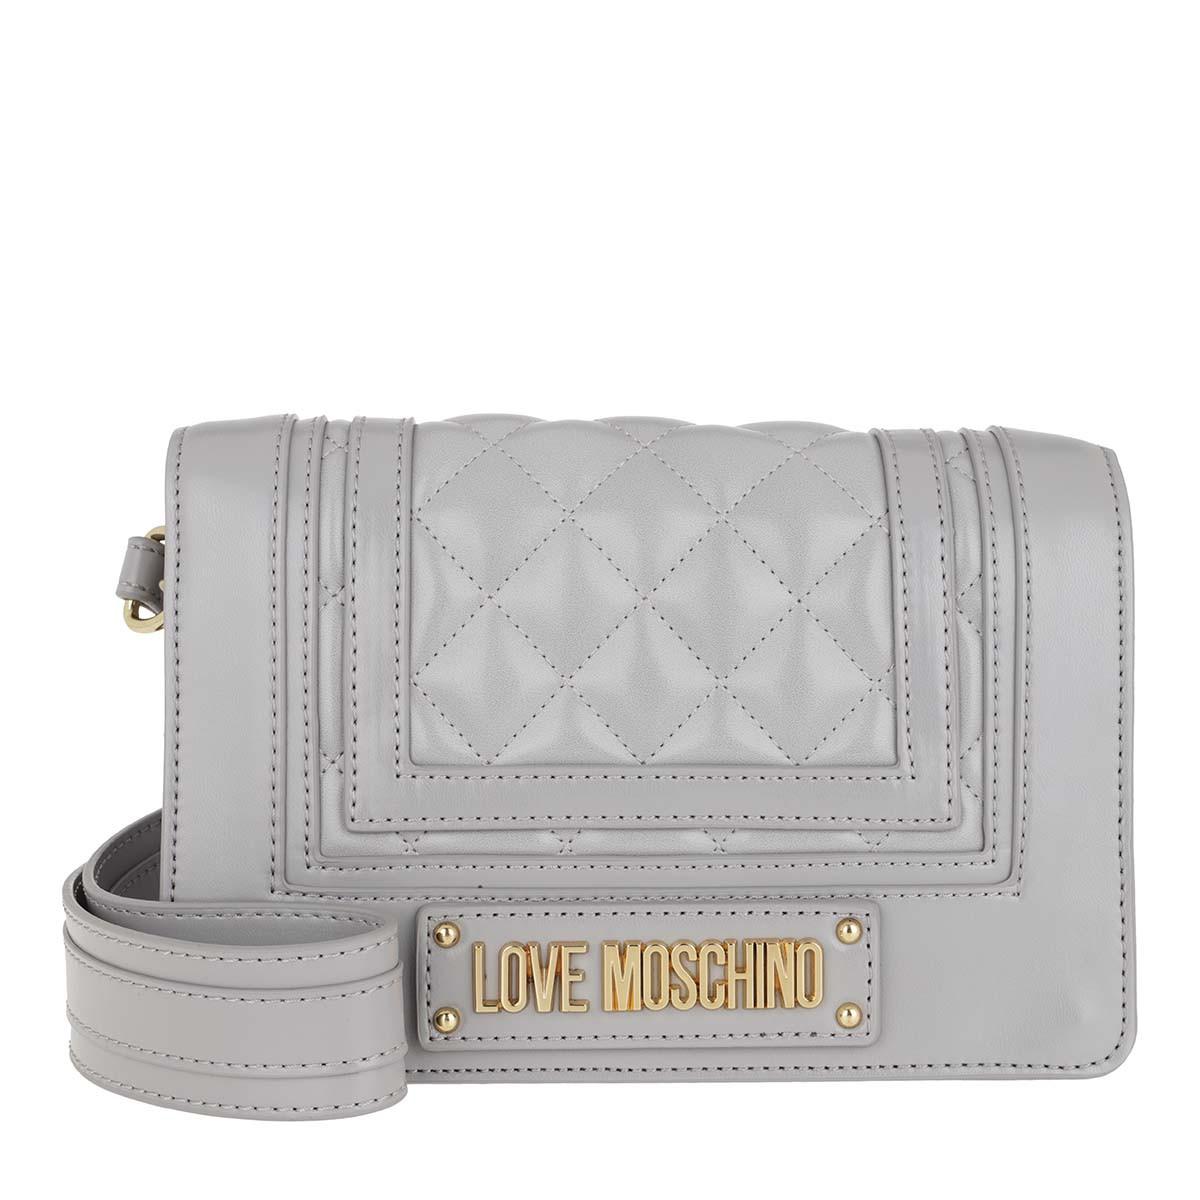 Love Moschino Umhängetasche - Quilted Nappa Crossbody Bag Grigio - in grau - für Damen